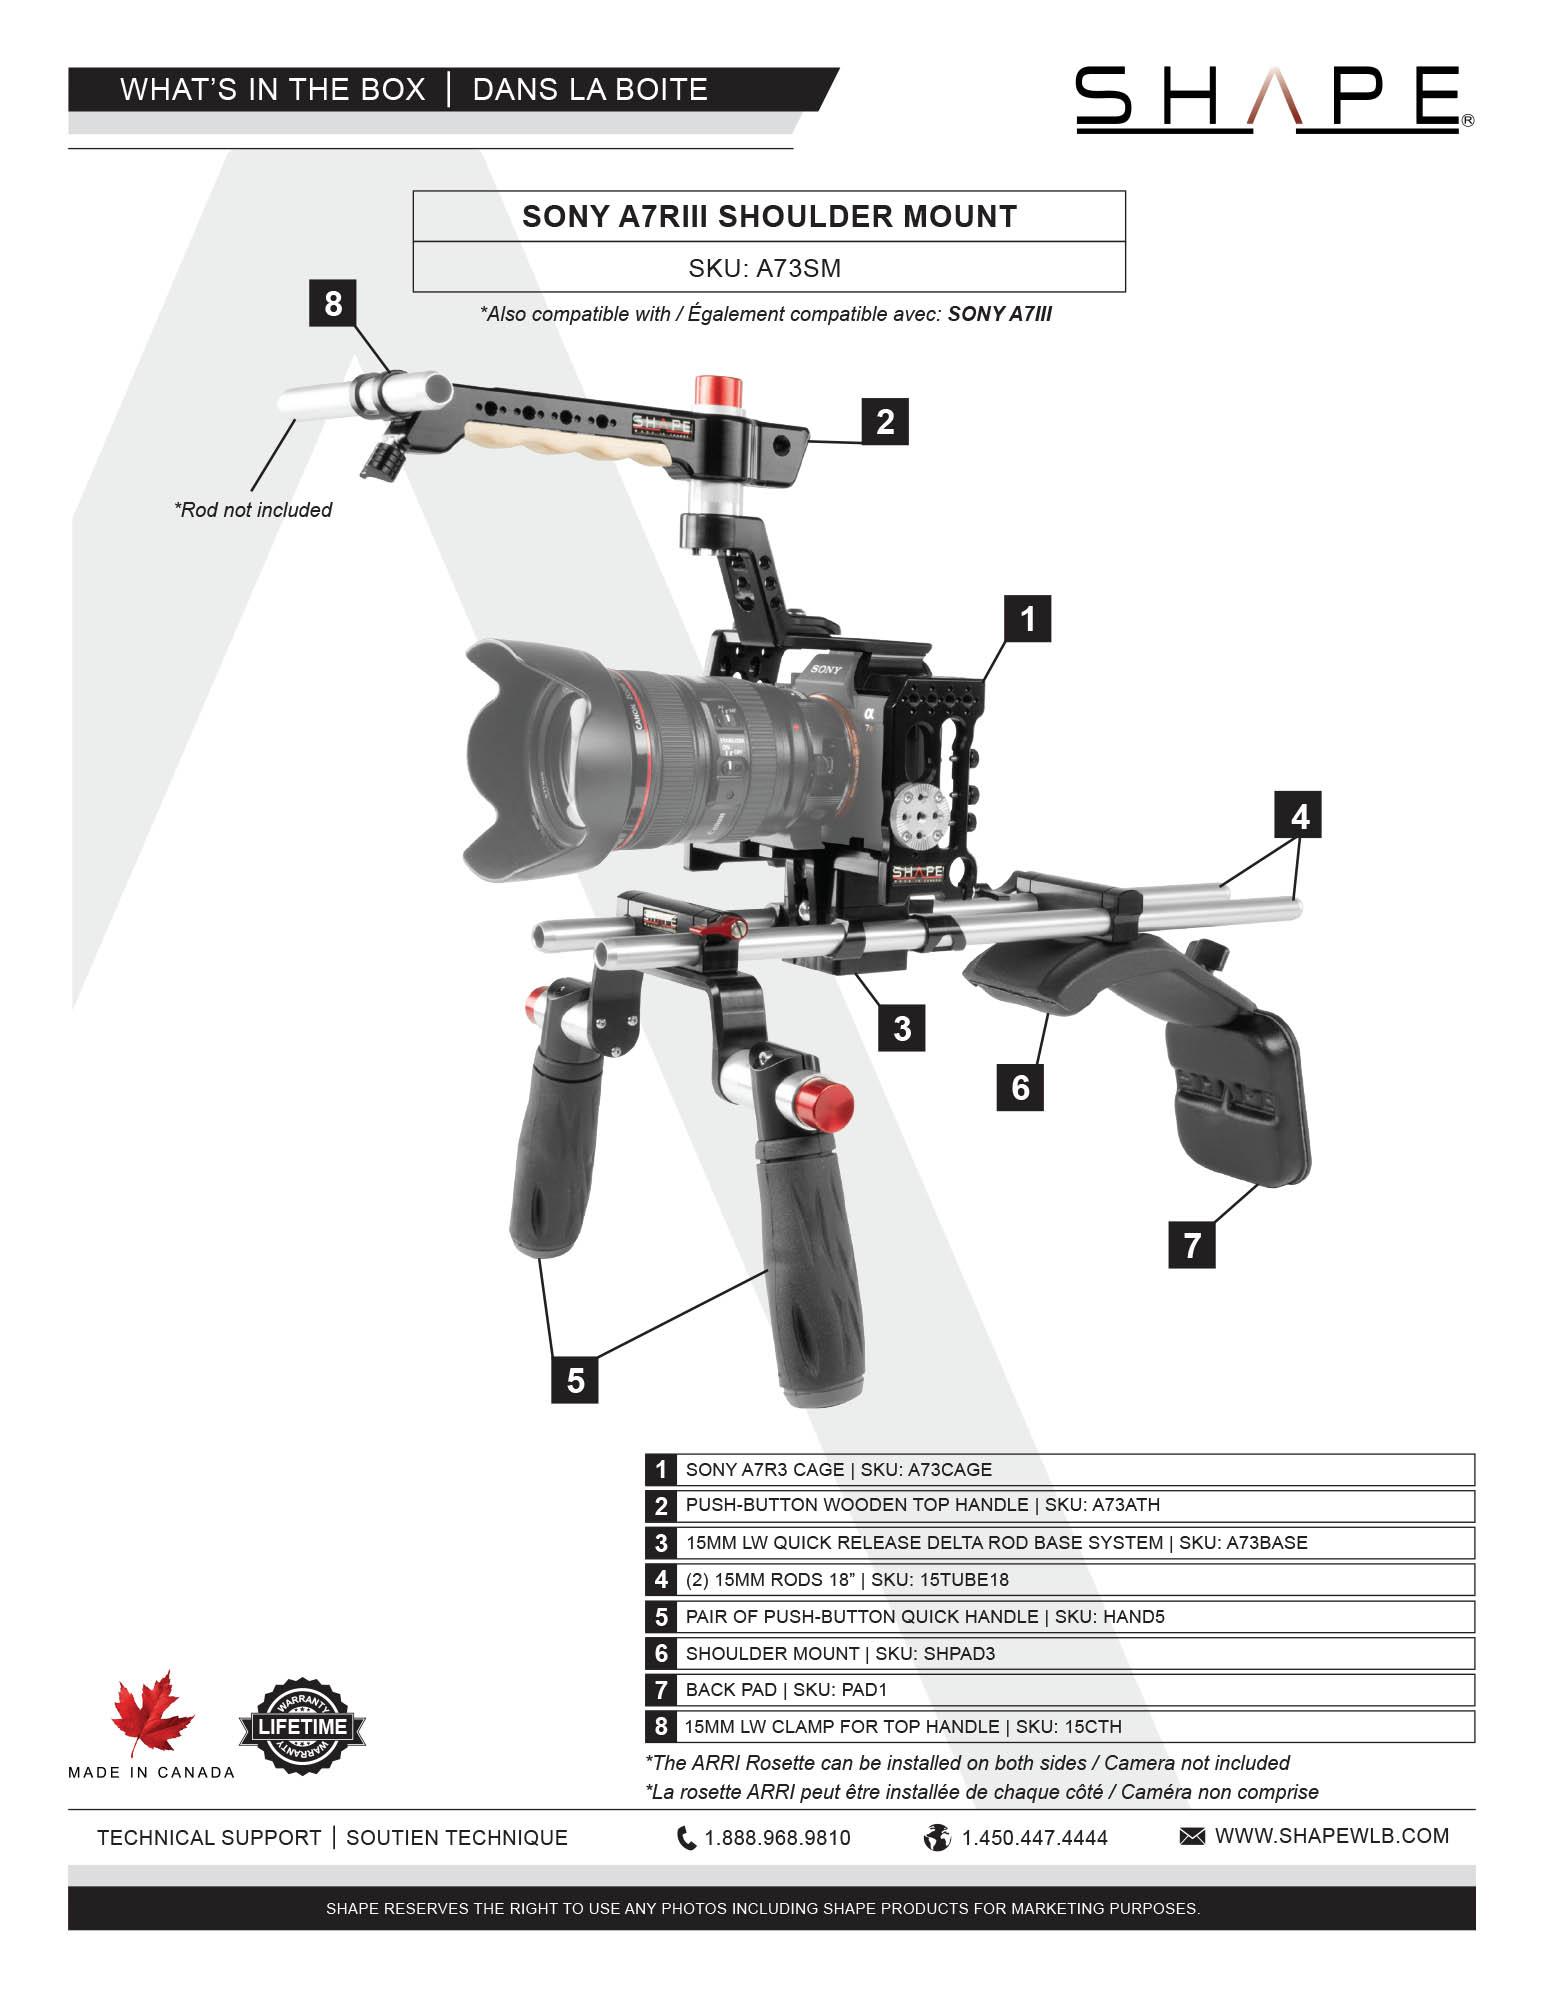 lw-helicopter скачать бесплатно